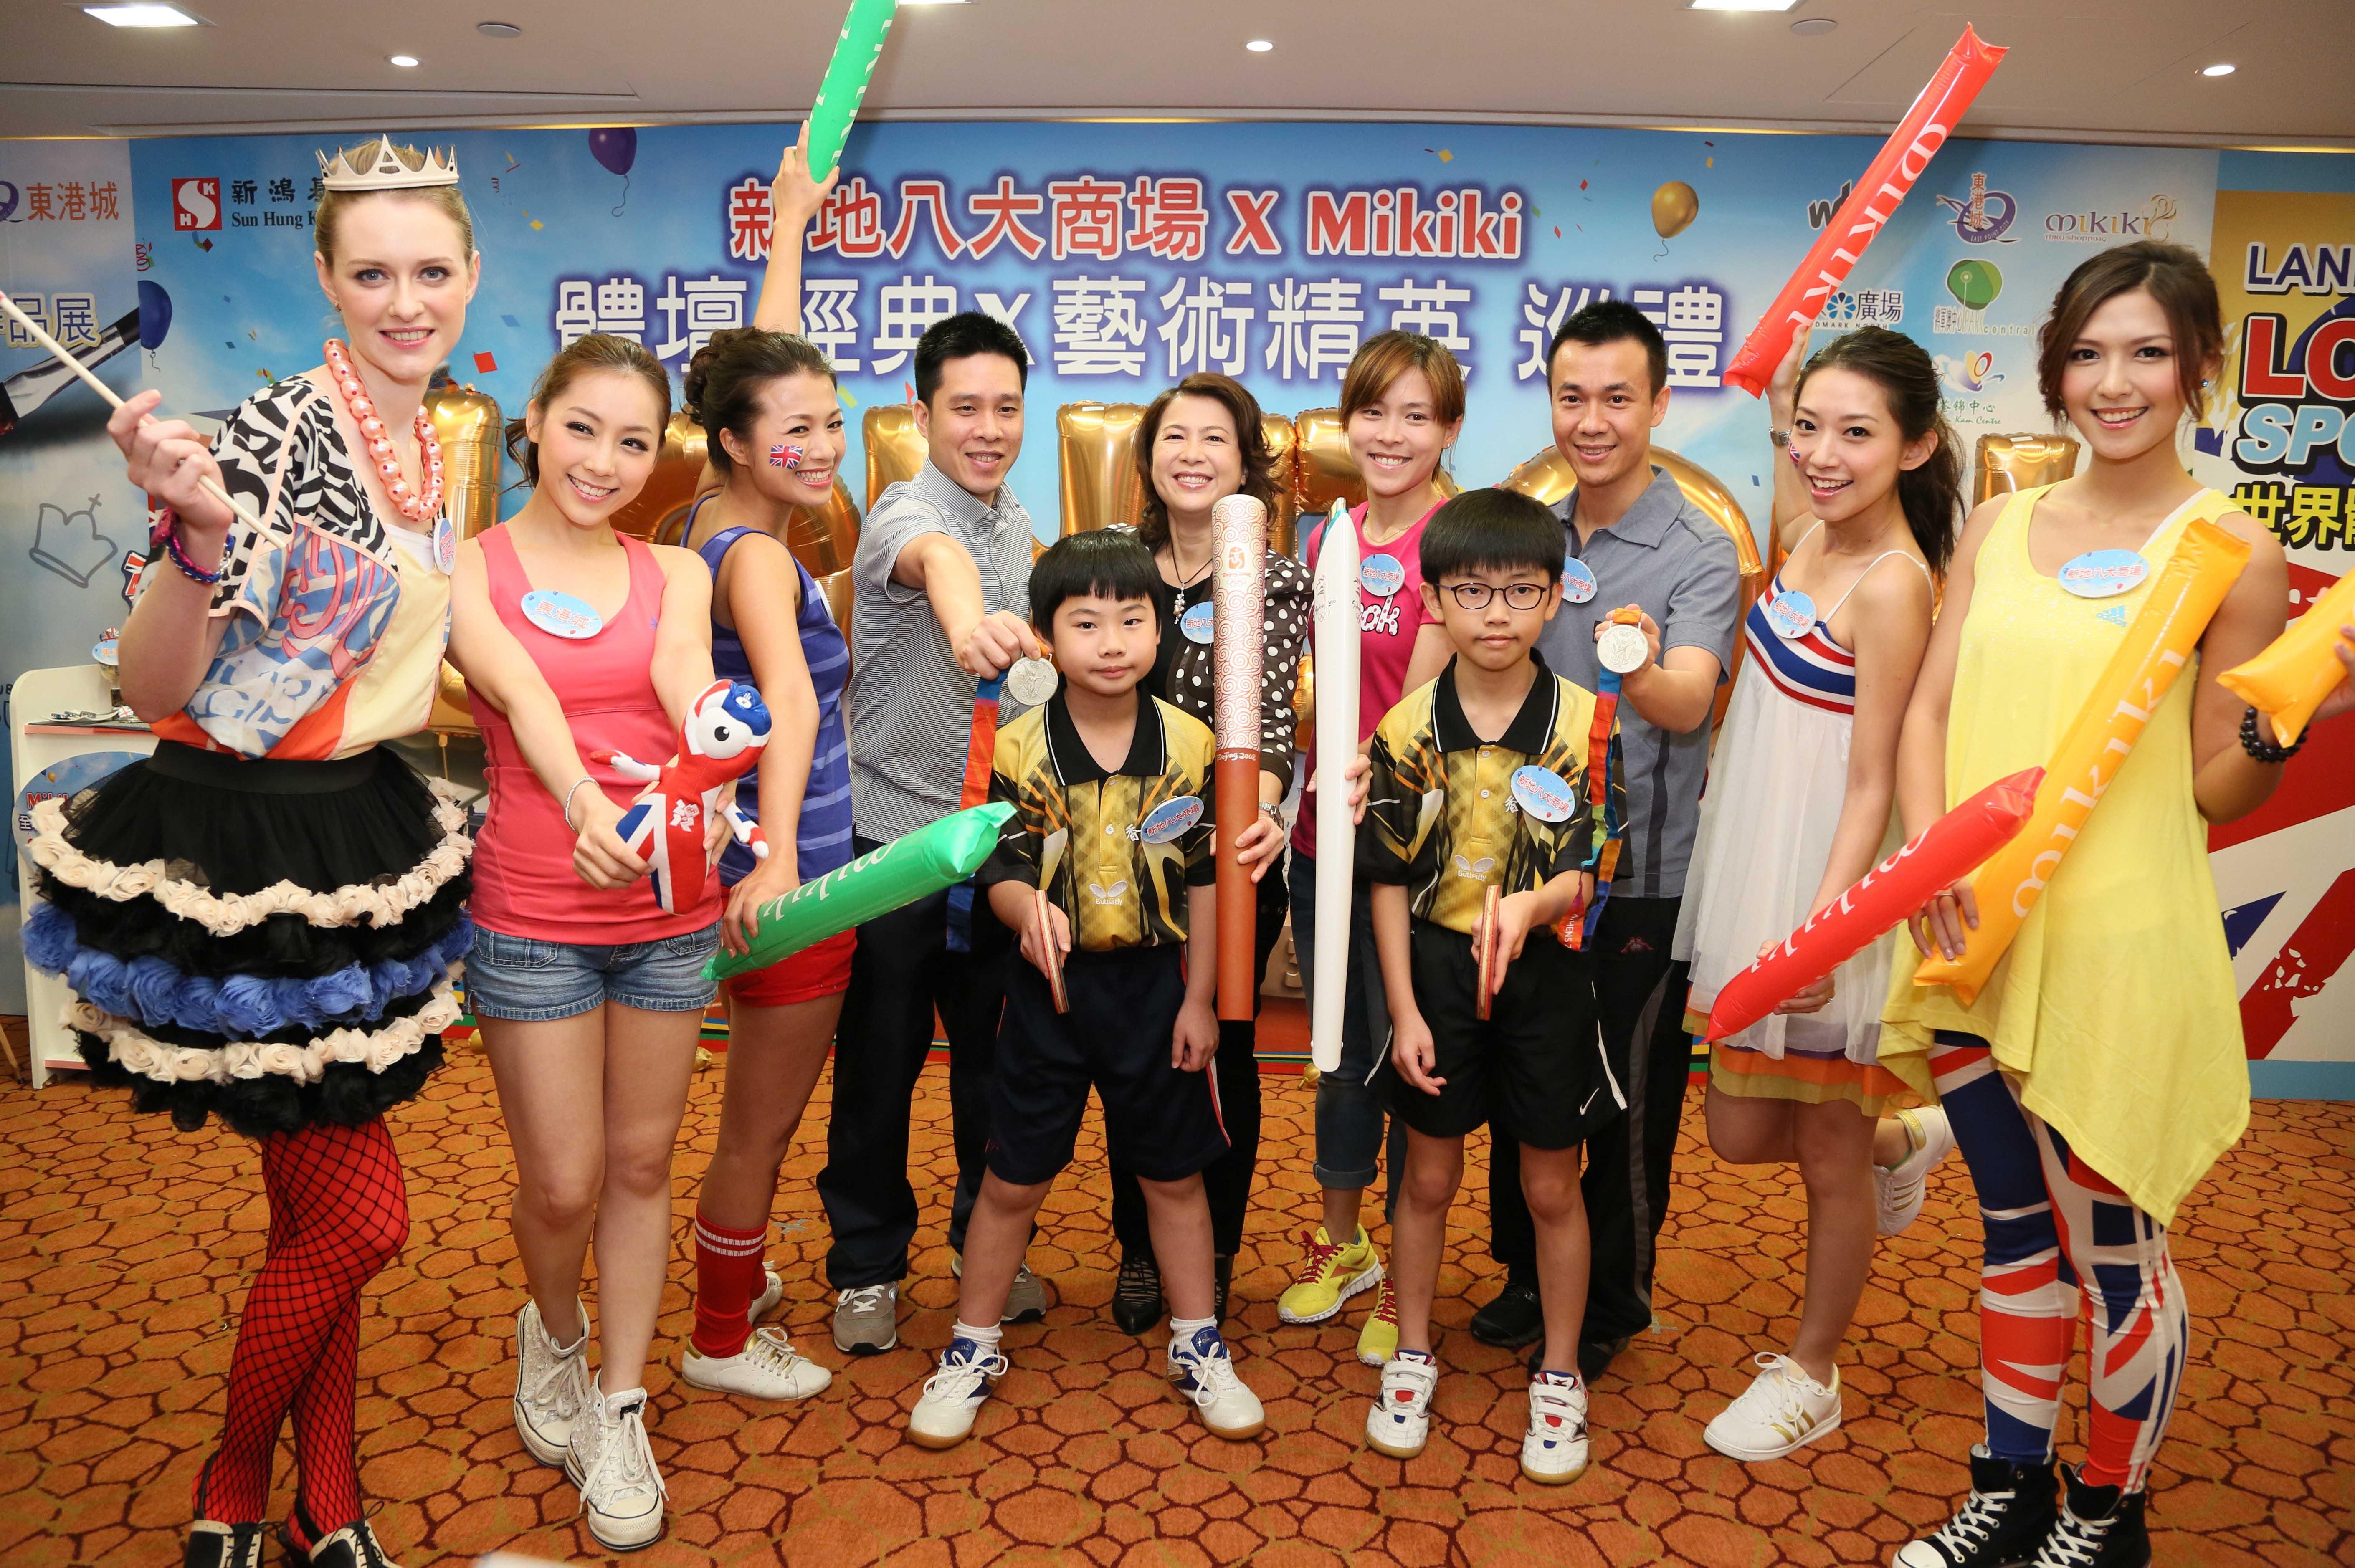 你們看看奧運孖寶手上的是什麼?就是他們為香港贏取奧運奬牌